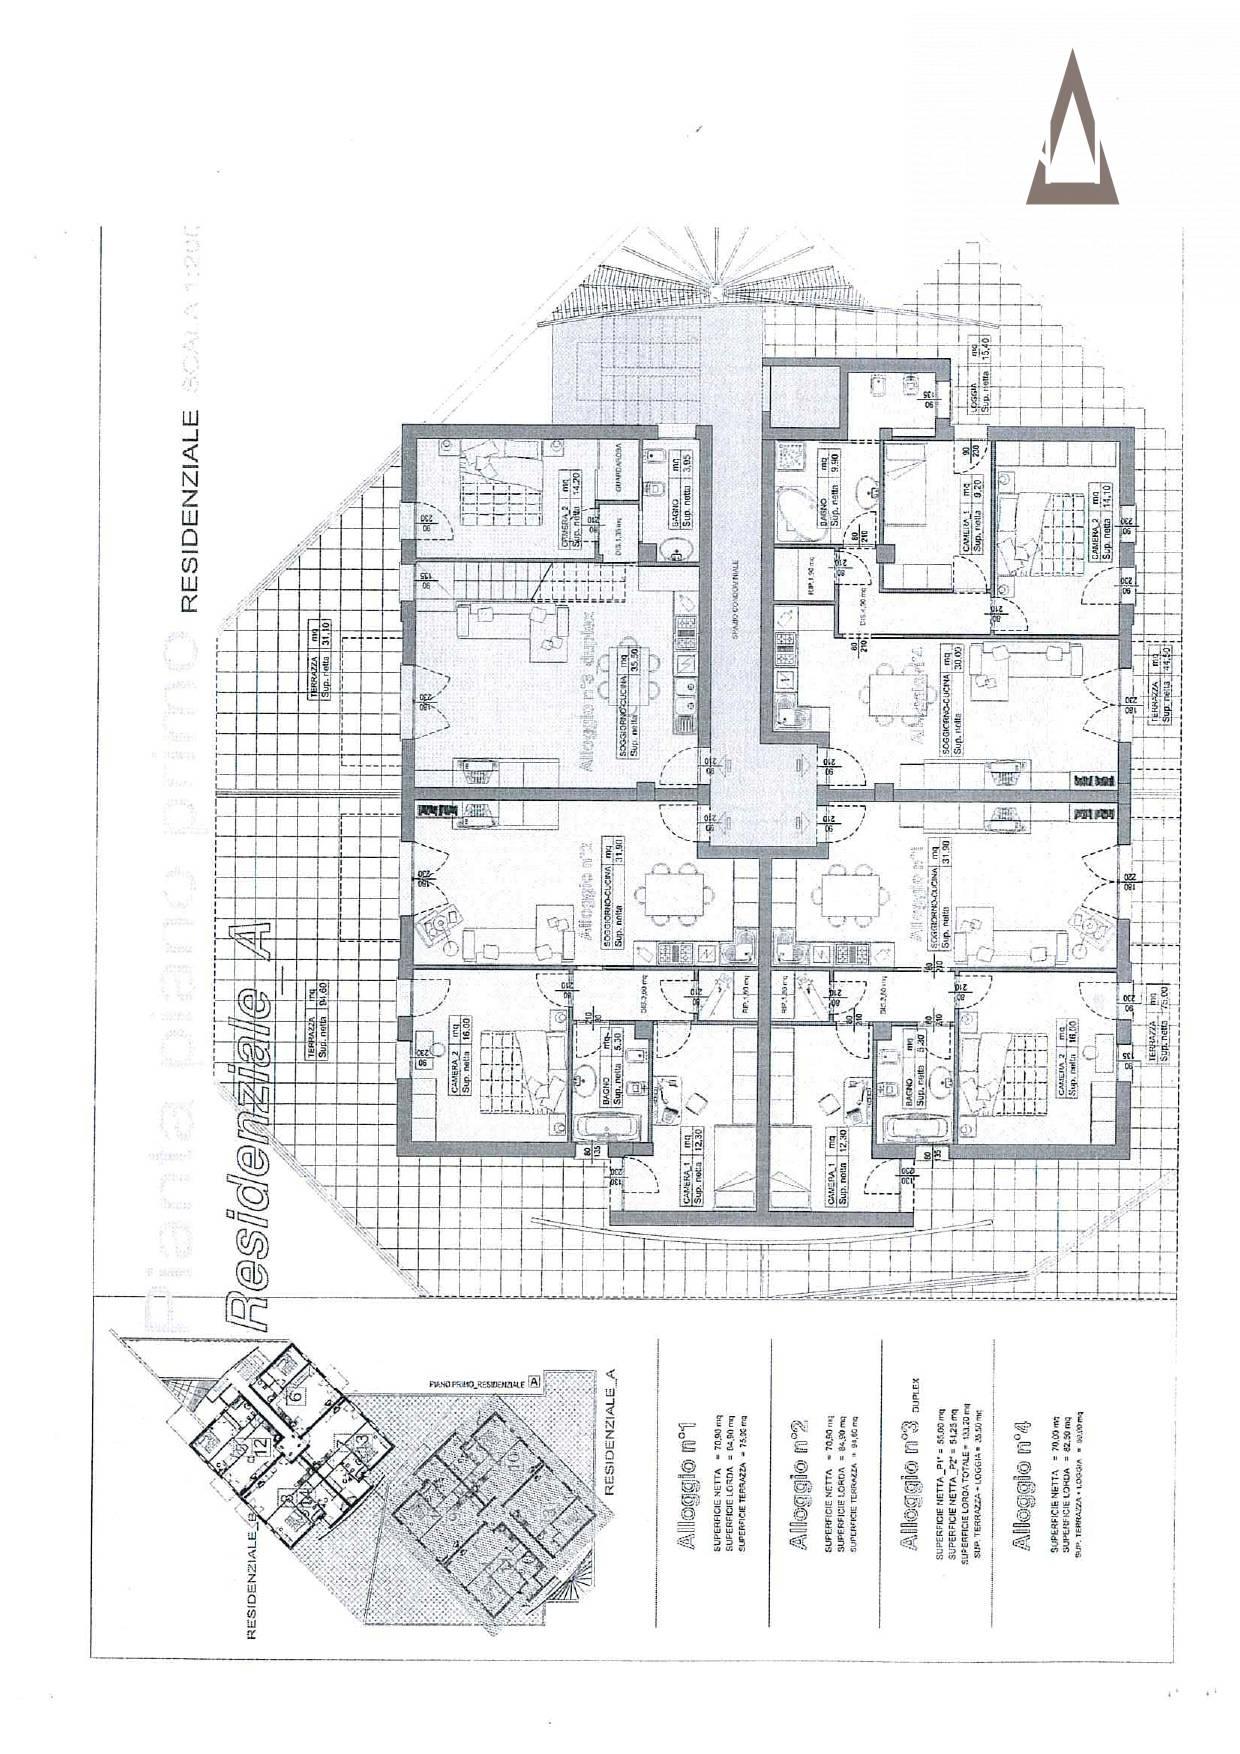 Appartamento in vendita a Fonte, 4 locali, zona Località: OnèdiFonte, prezzo € 135.000   CambioCasa.it